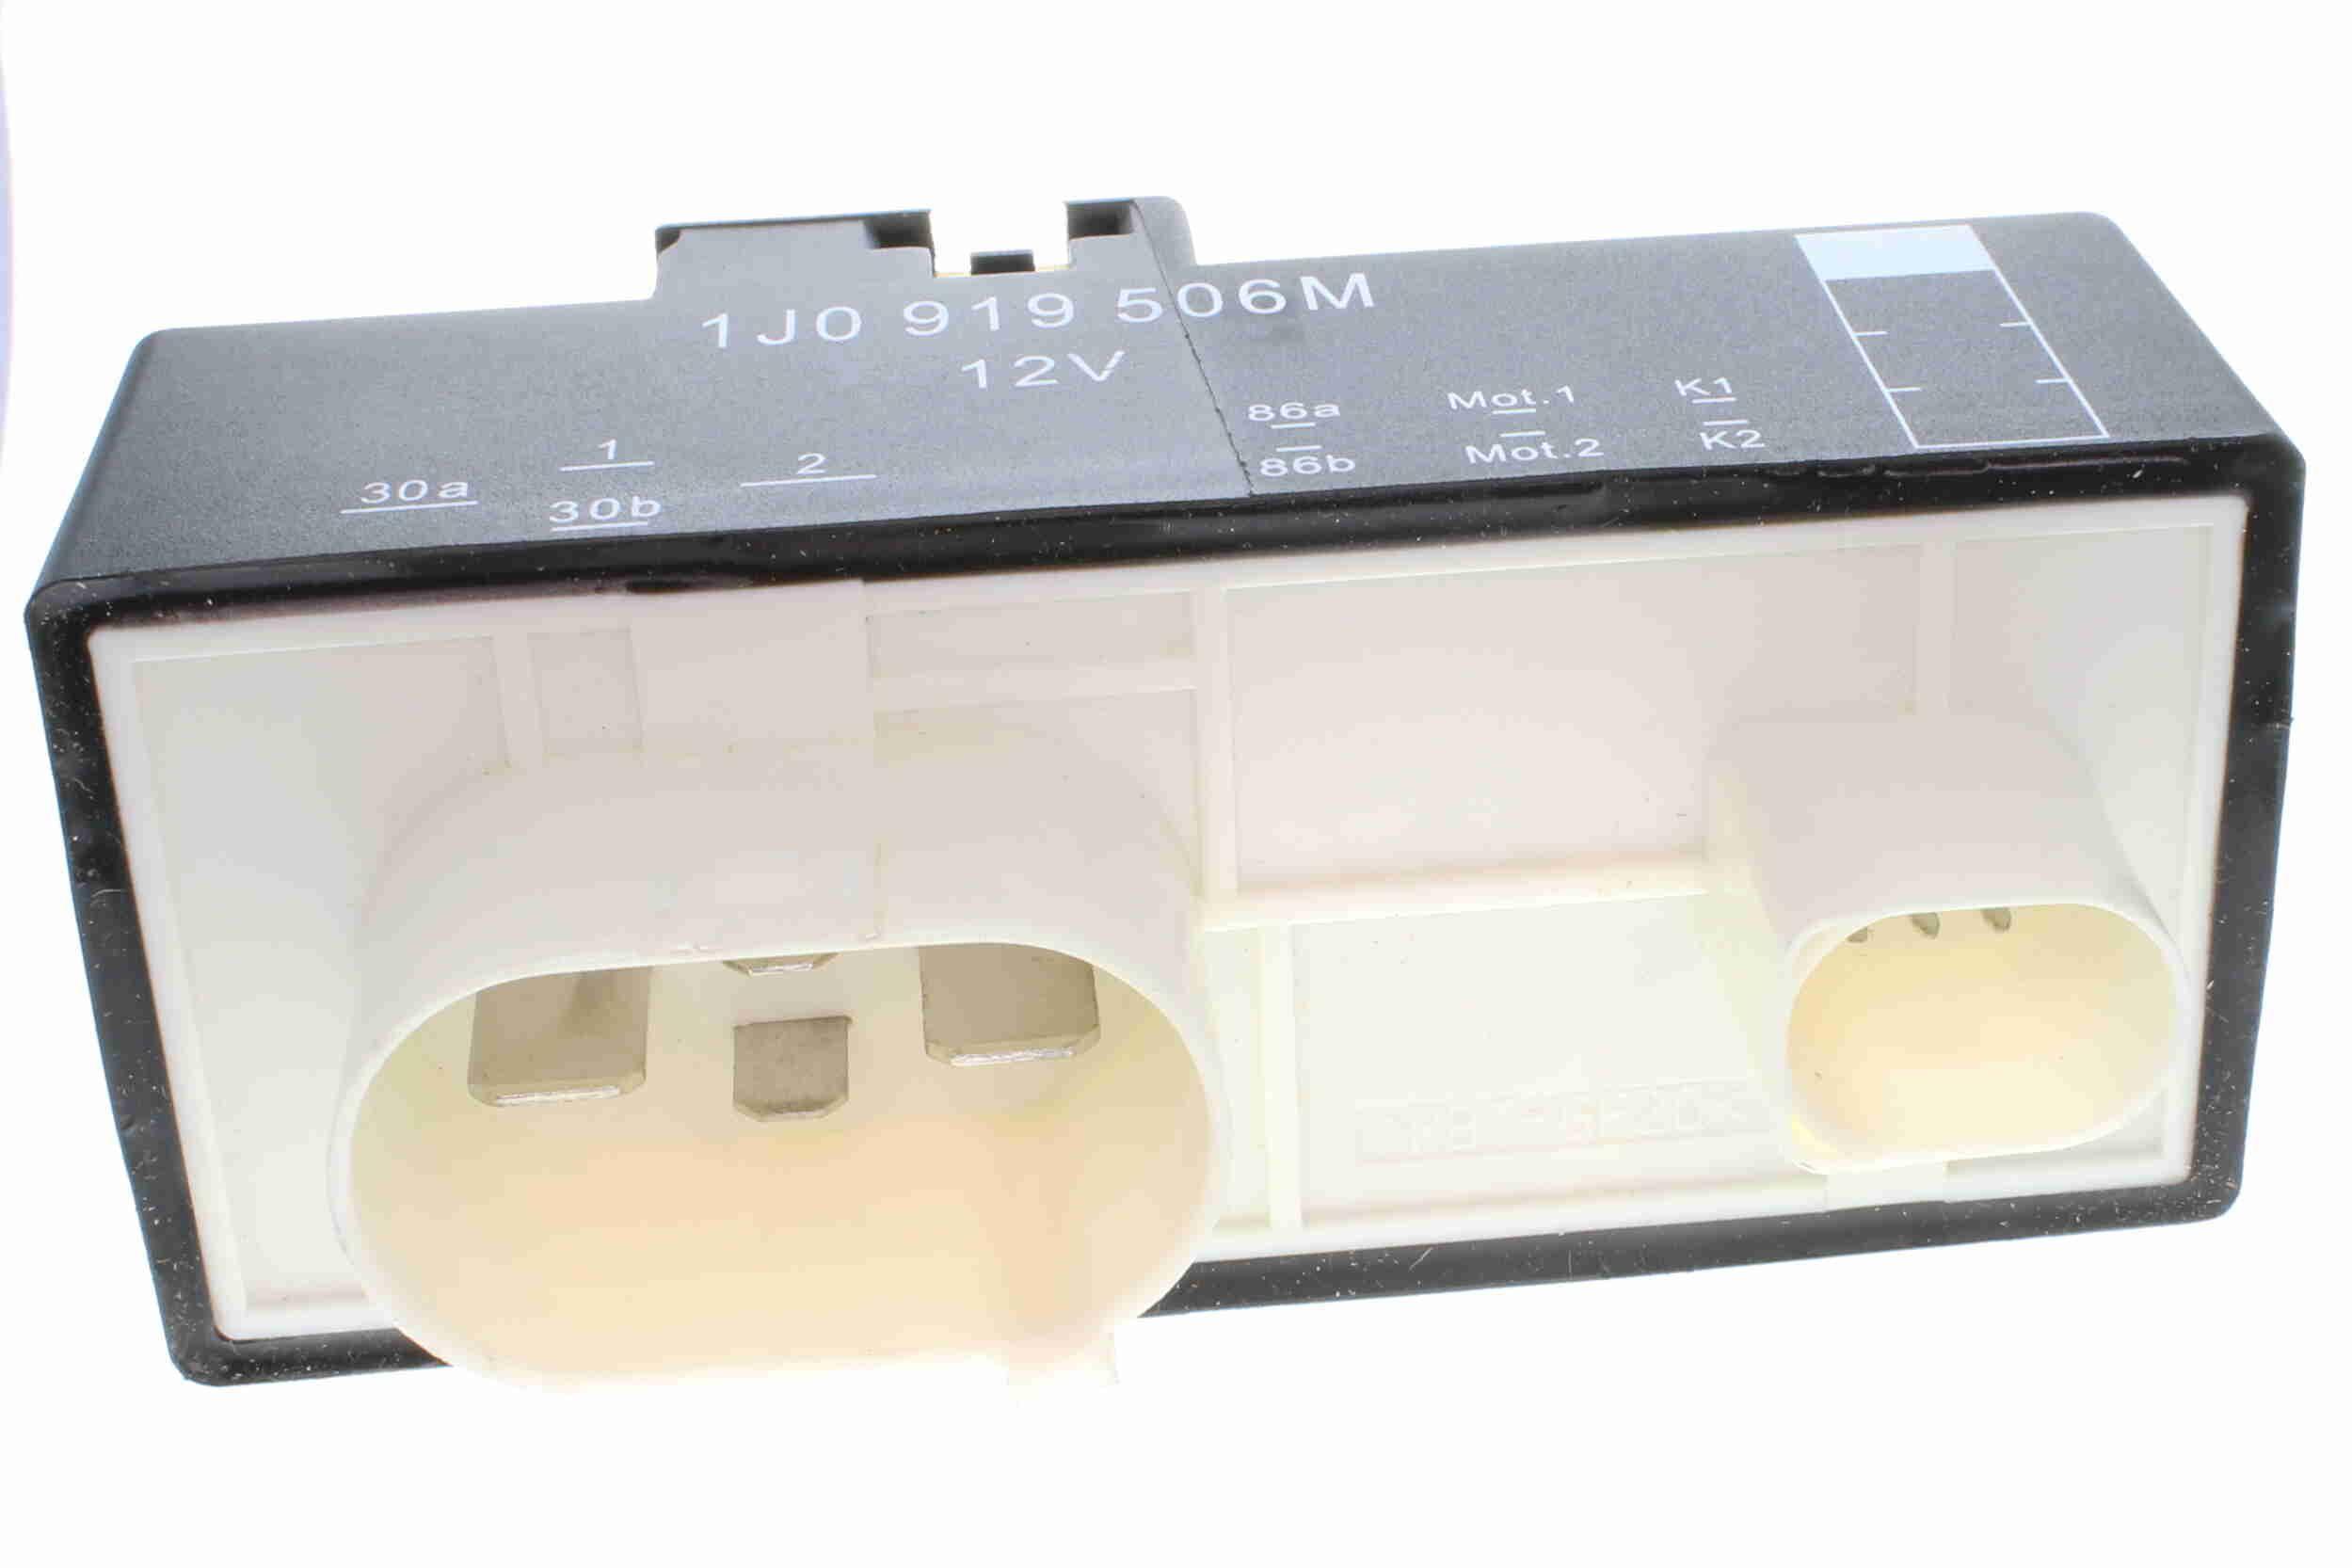 Relais, Klimaanlage V15-71-0035 rund um die Uhr online kaufen